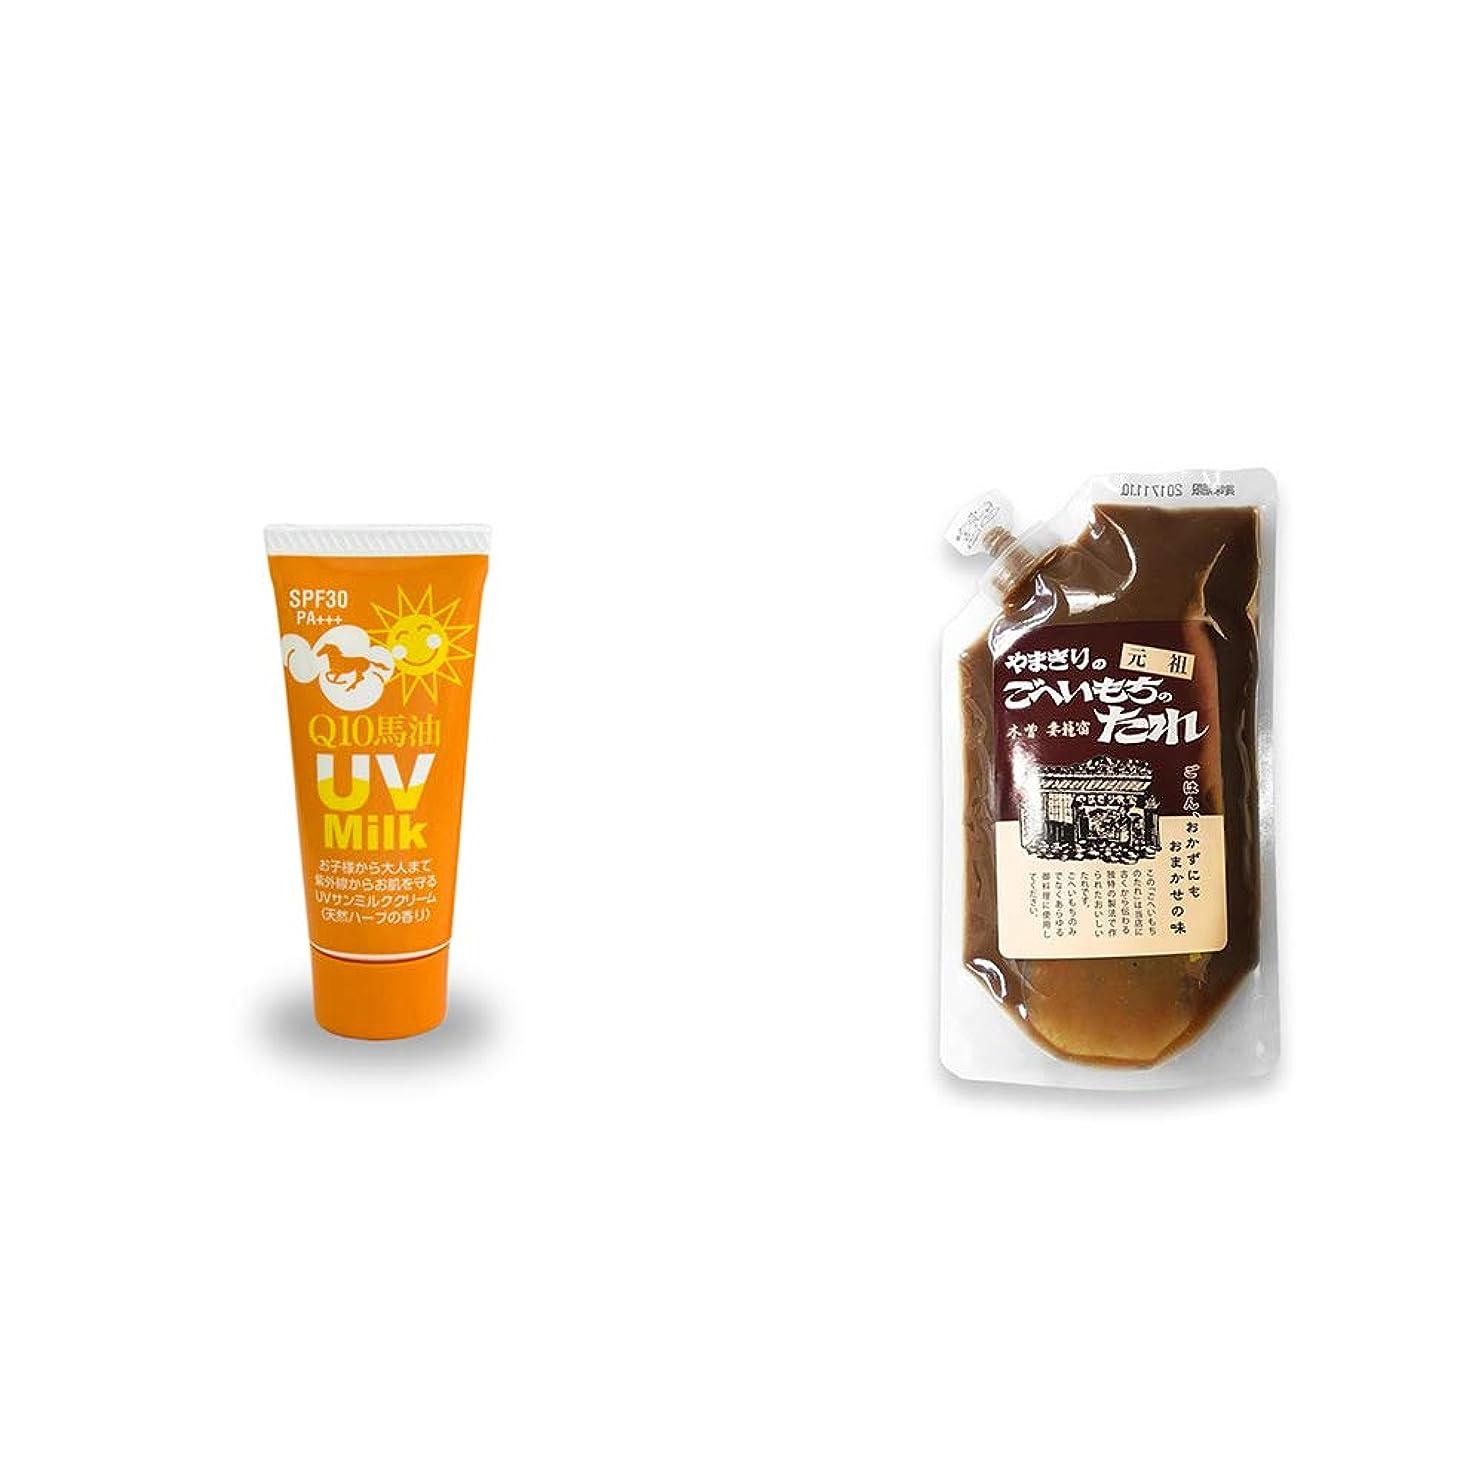 取り替えるビルダーリング[2点セット] 炭黒泉 Q10馬油 UVサンミルク[天然ハーブ](40g)?妻籠宿 やまぎり食堂 ごへい餅のたれ(250g)